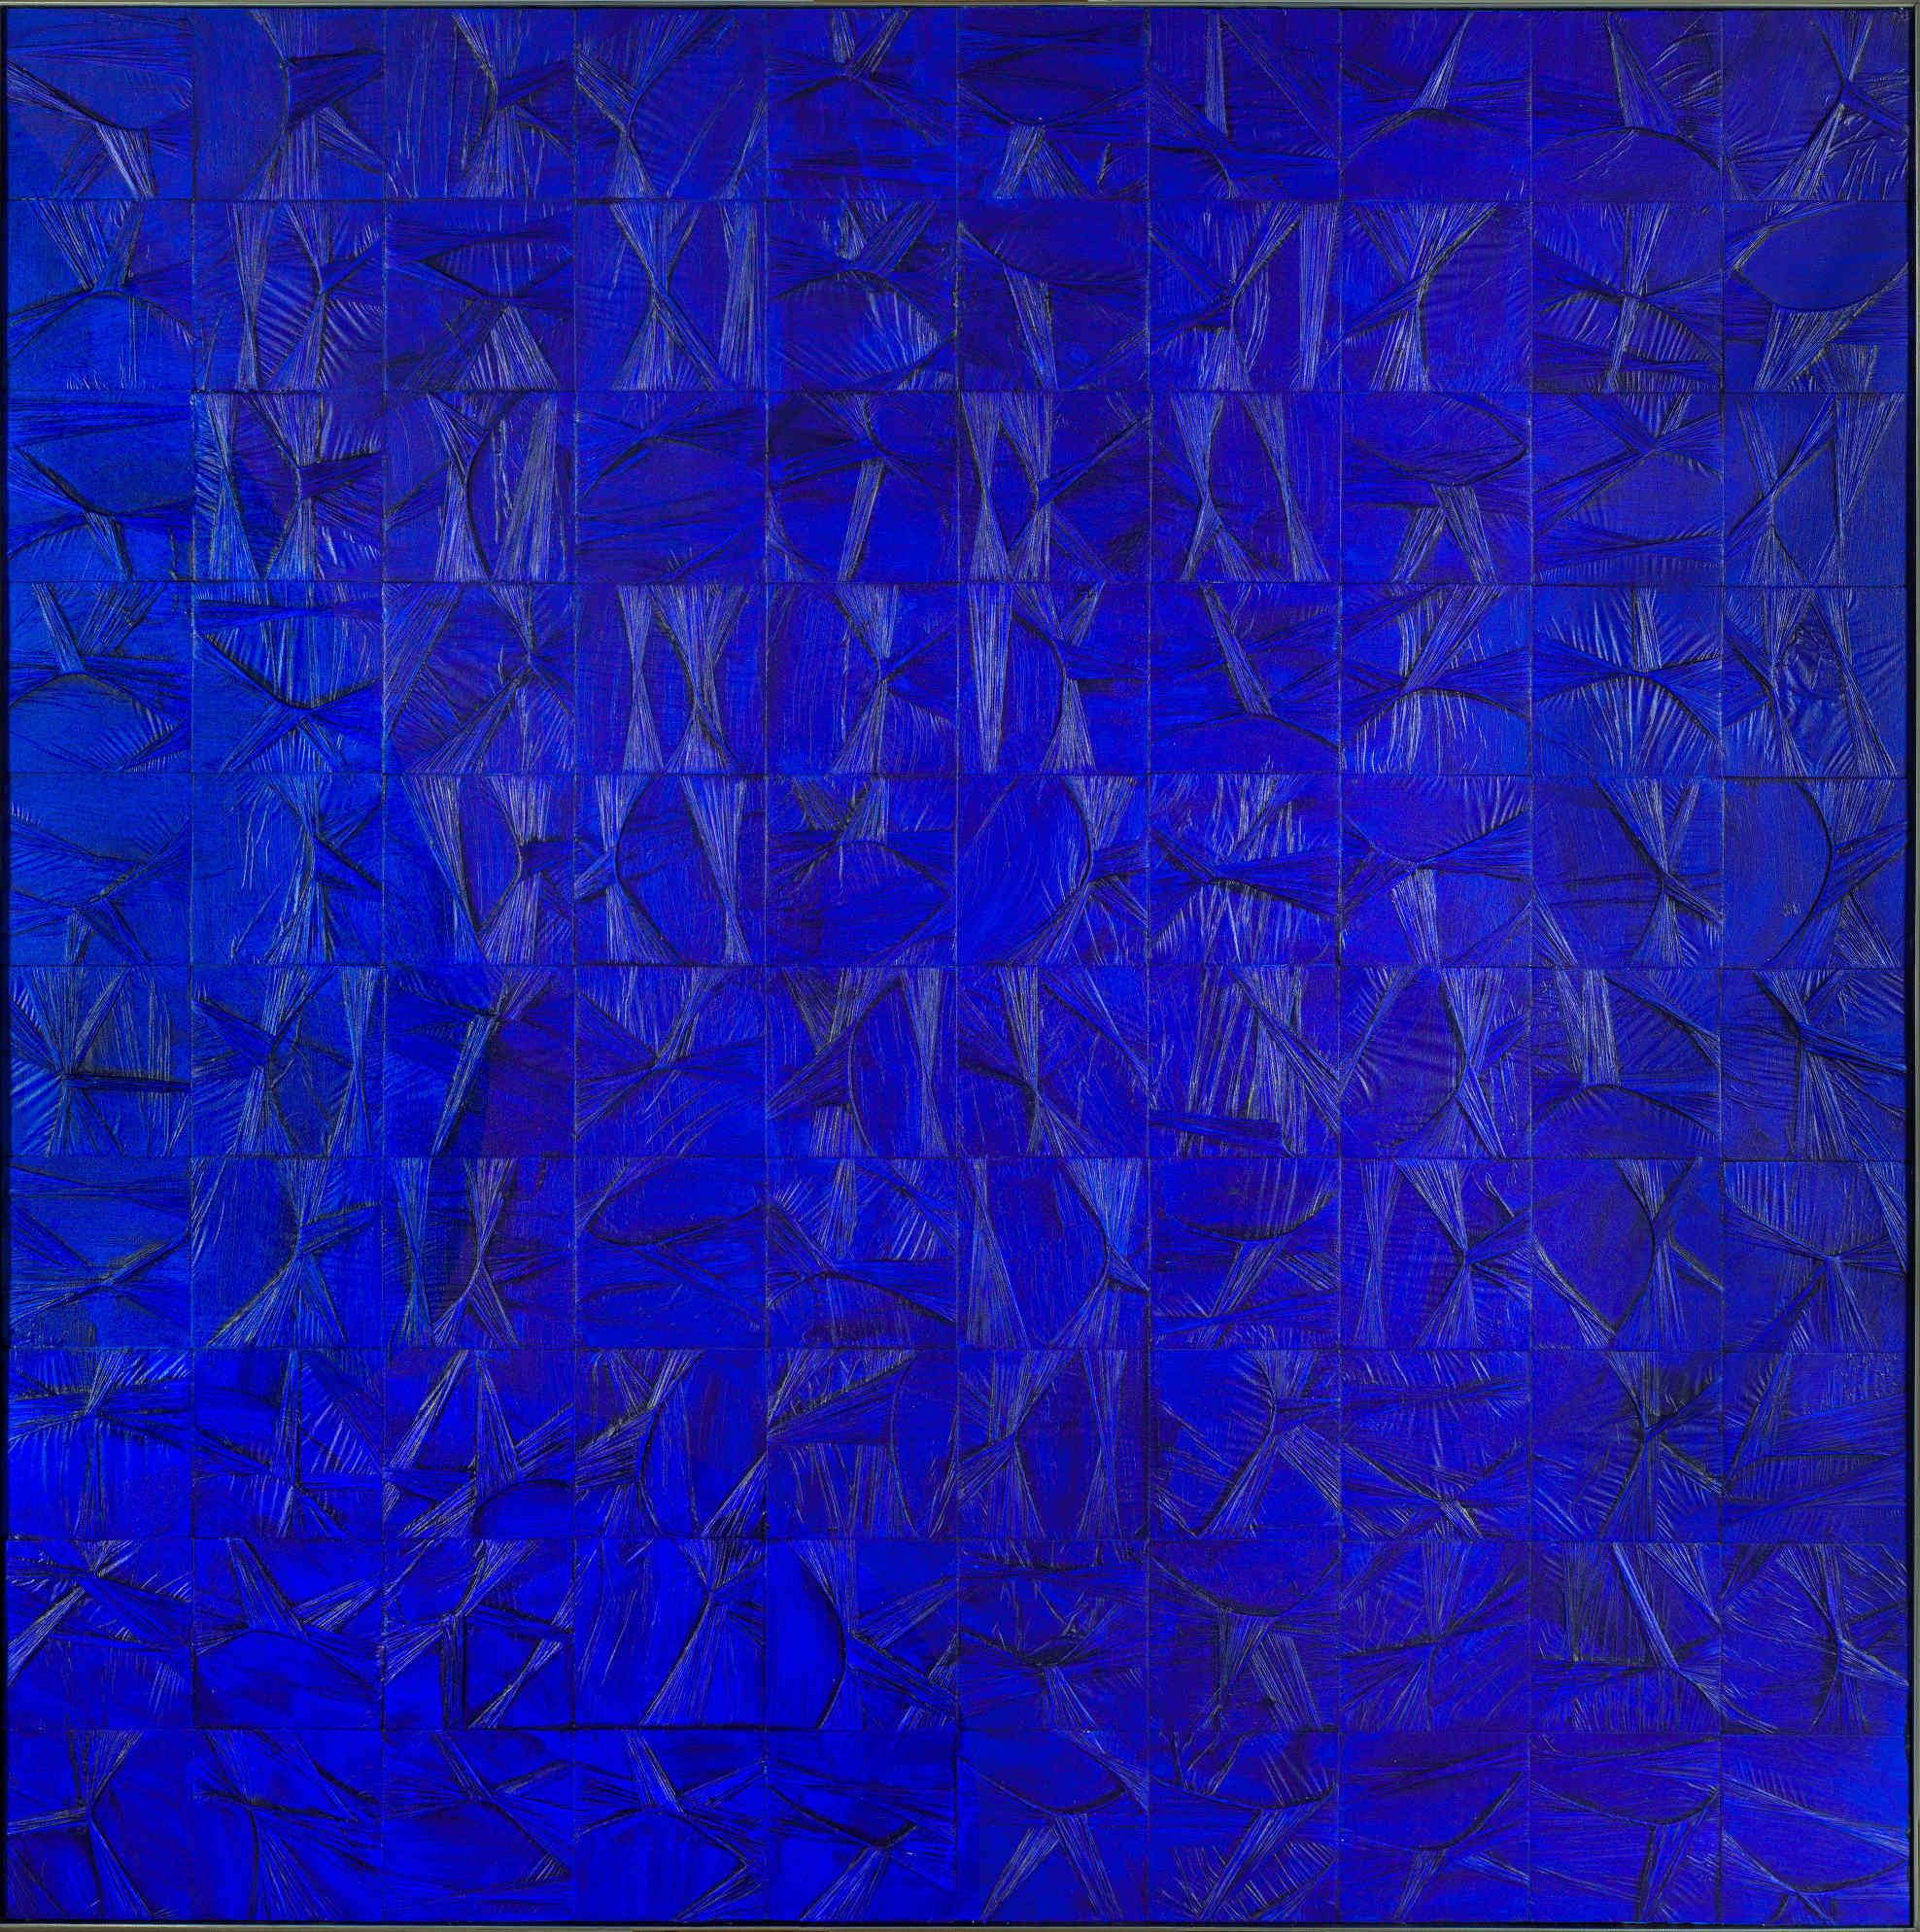 Tension-torsion aux cent carrés, version monochrome bleu